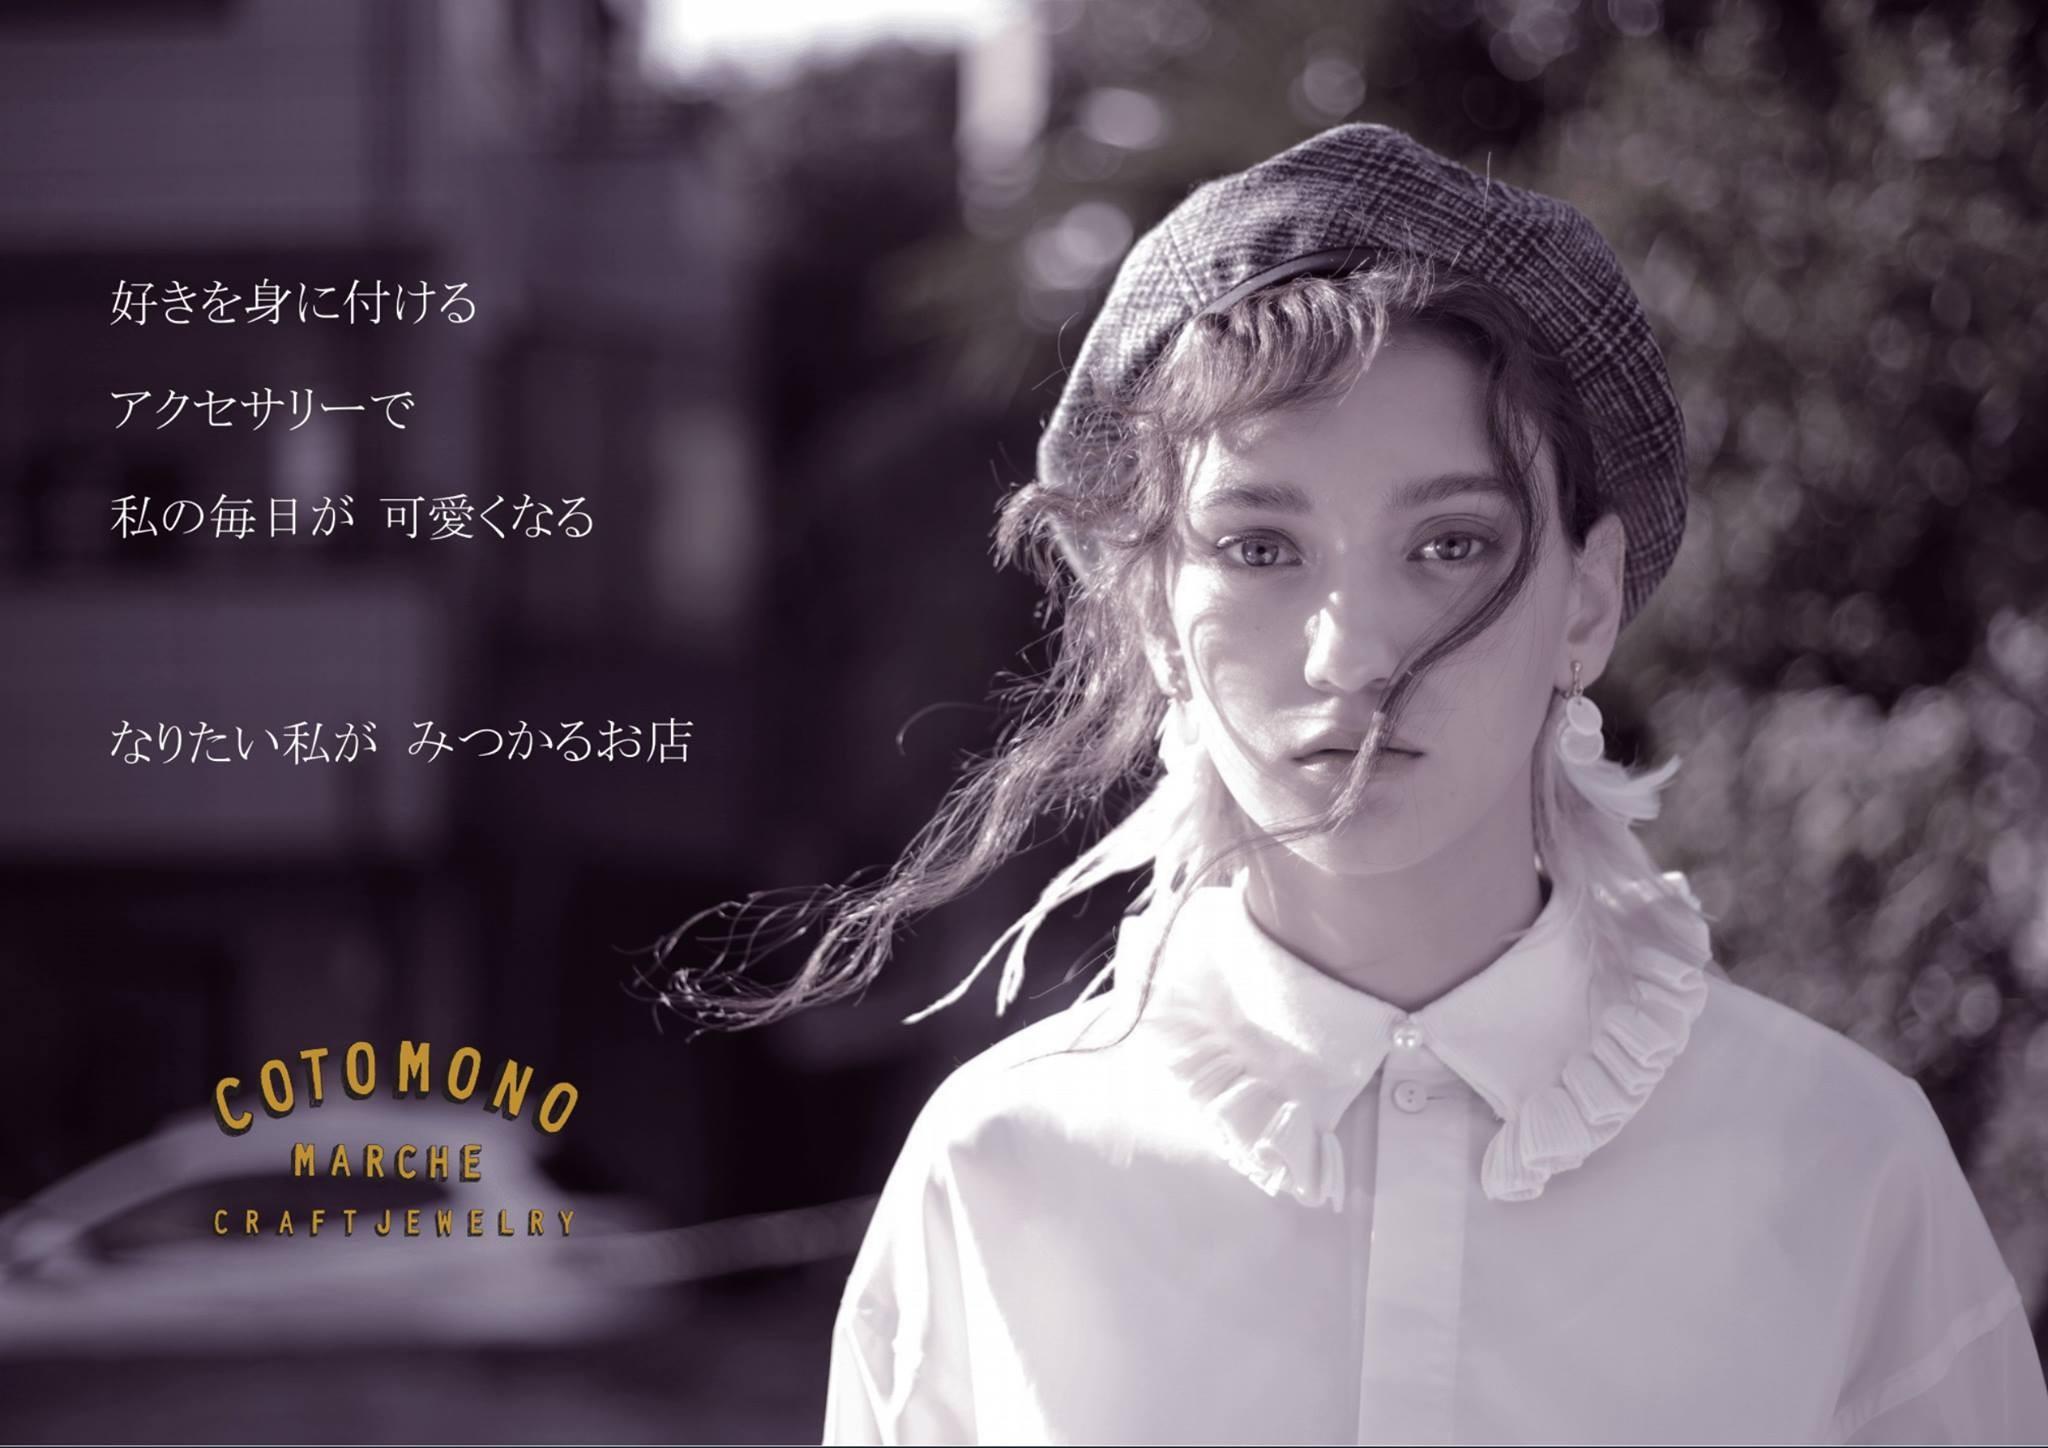 COTOMONO MARCHE 大丸札幌店